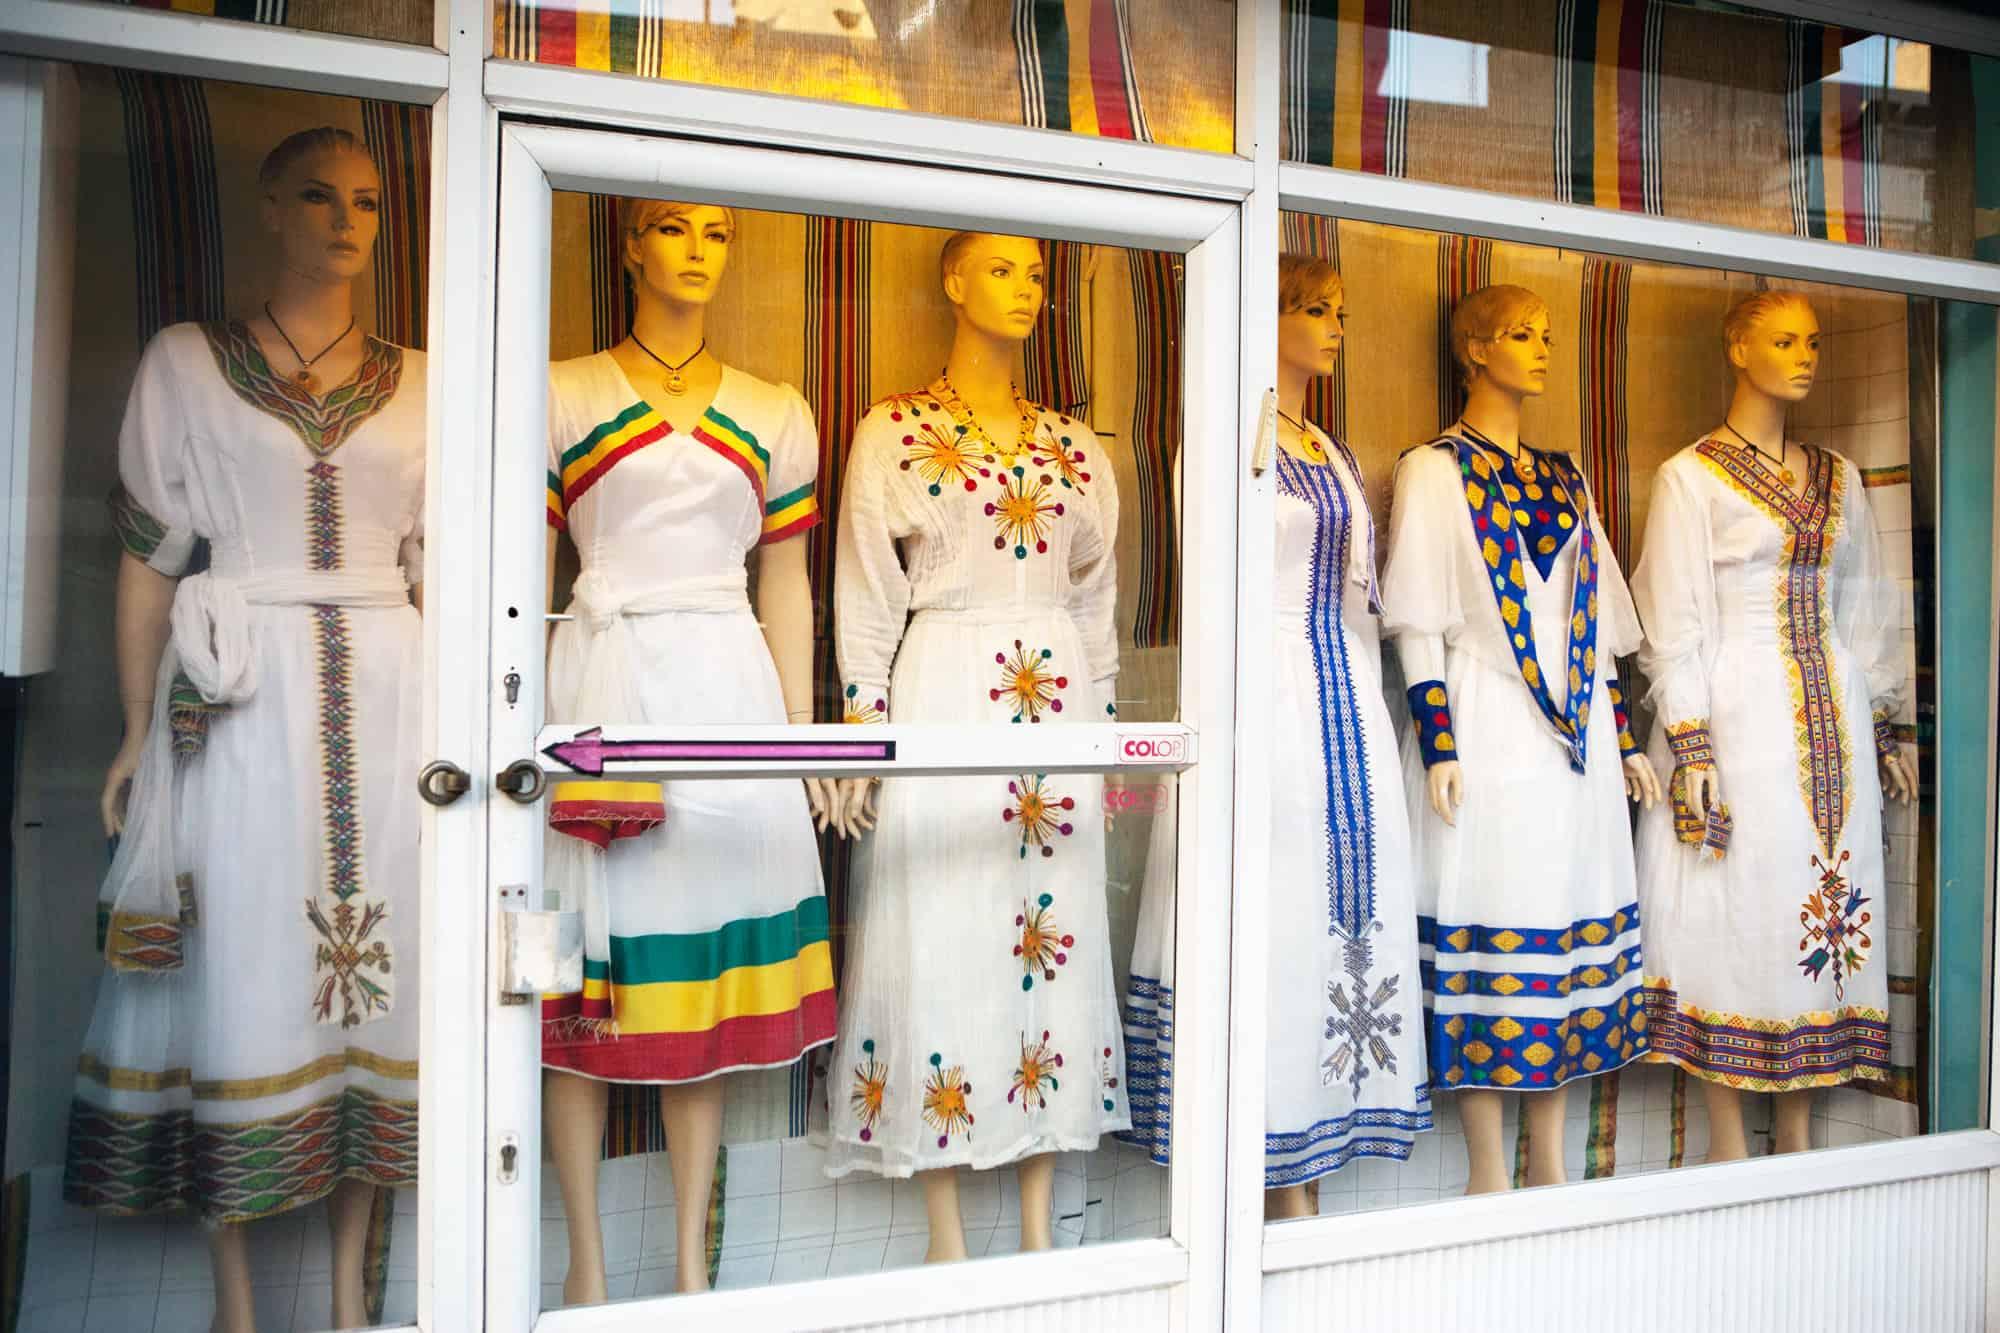 חנות בגדי חתונה אריתראיים (צילום: דפנה טלמון)